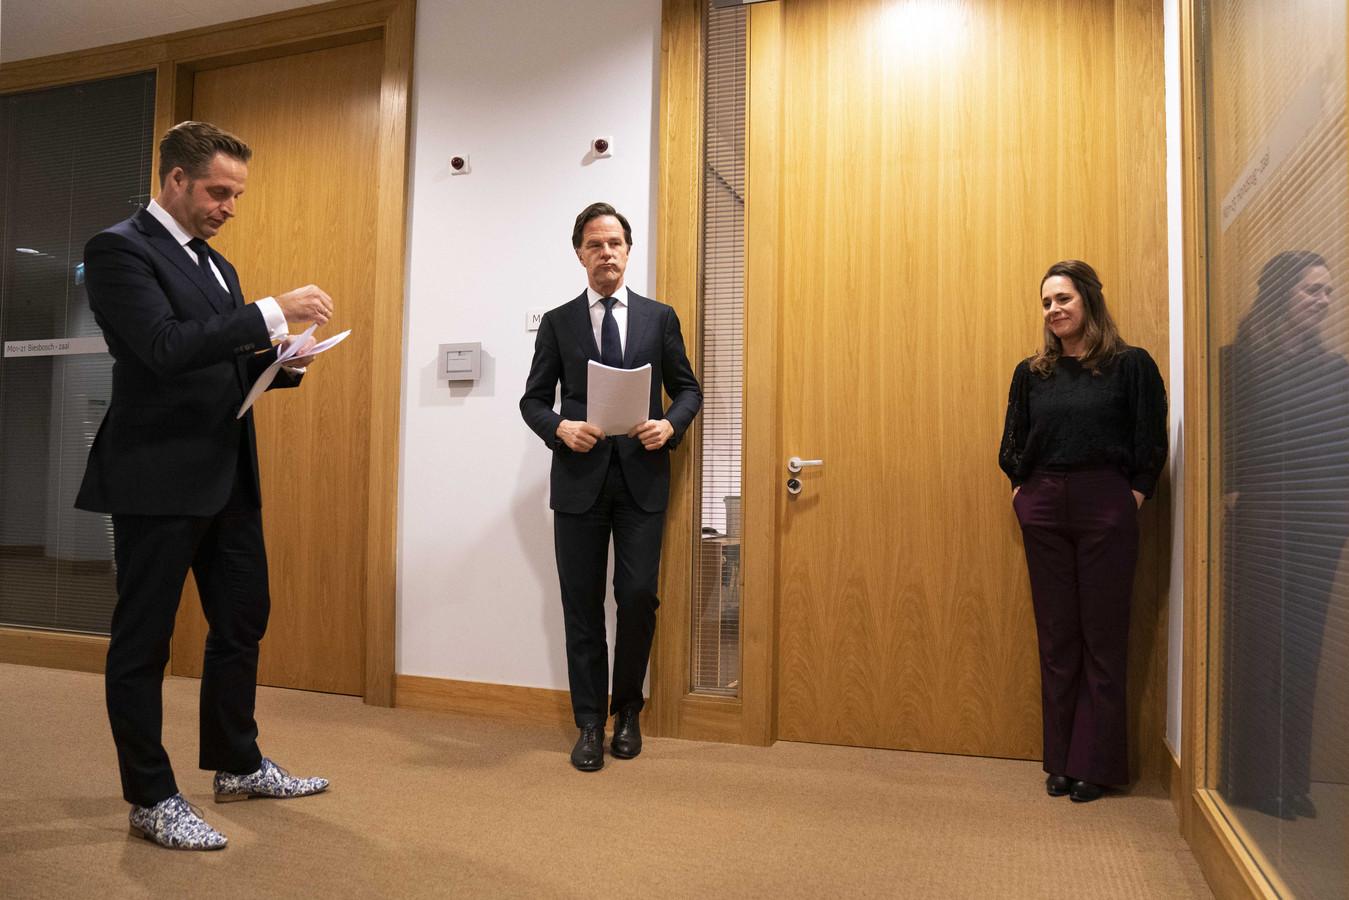 Demissionair premier Mark Rutte en demissionair minister Hugo de Jonge (Volksgezondheid, Welzijn en Sport) voorafgaand aan een persconferentie waarin ze een toelichting geven op de coronamaatregelen in Nederland.